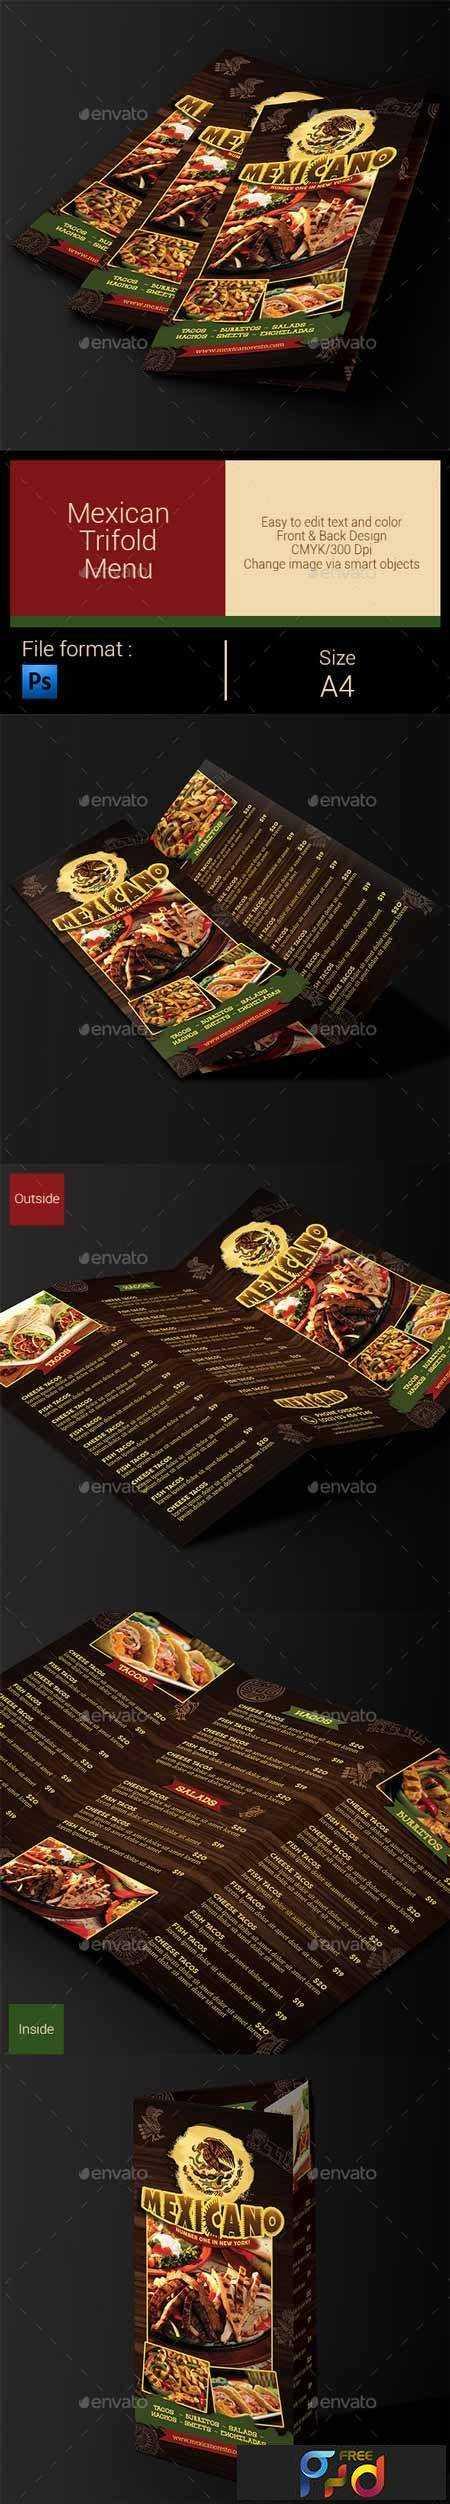 freepsdvn-com_1442793382_mexican-menu-trifold-10395294